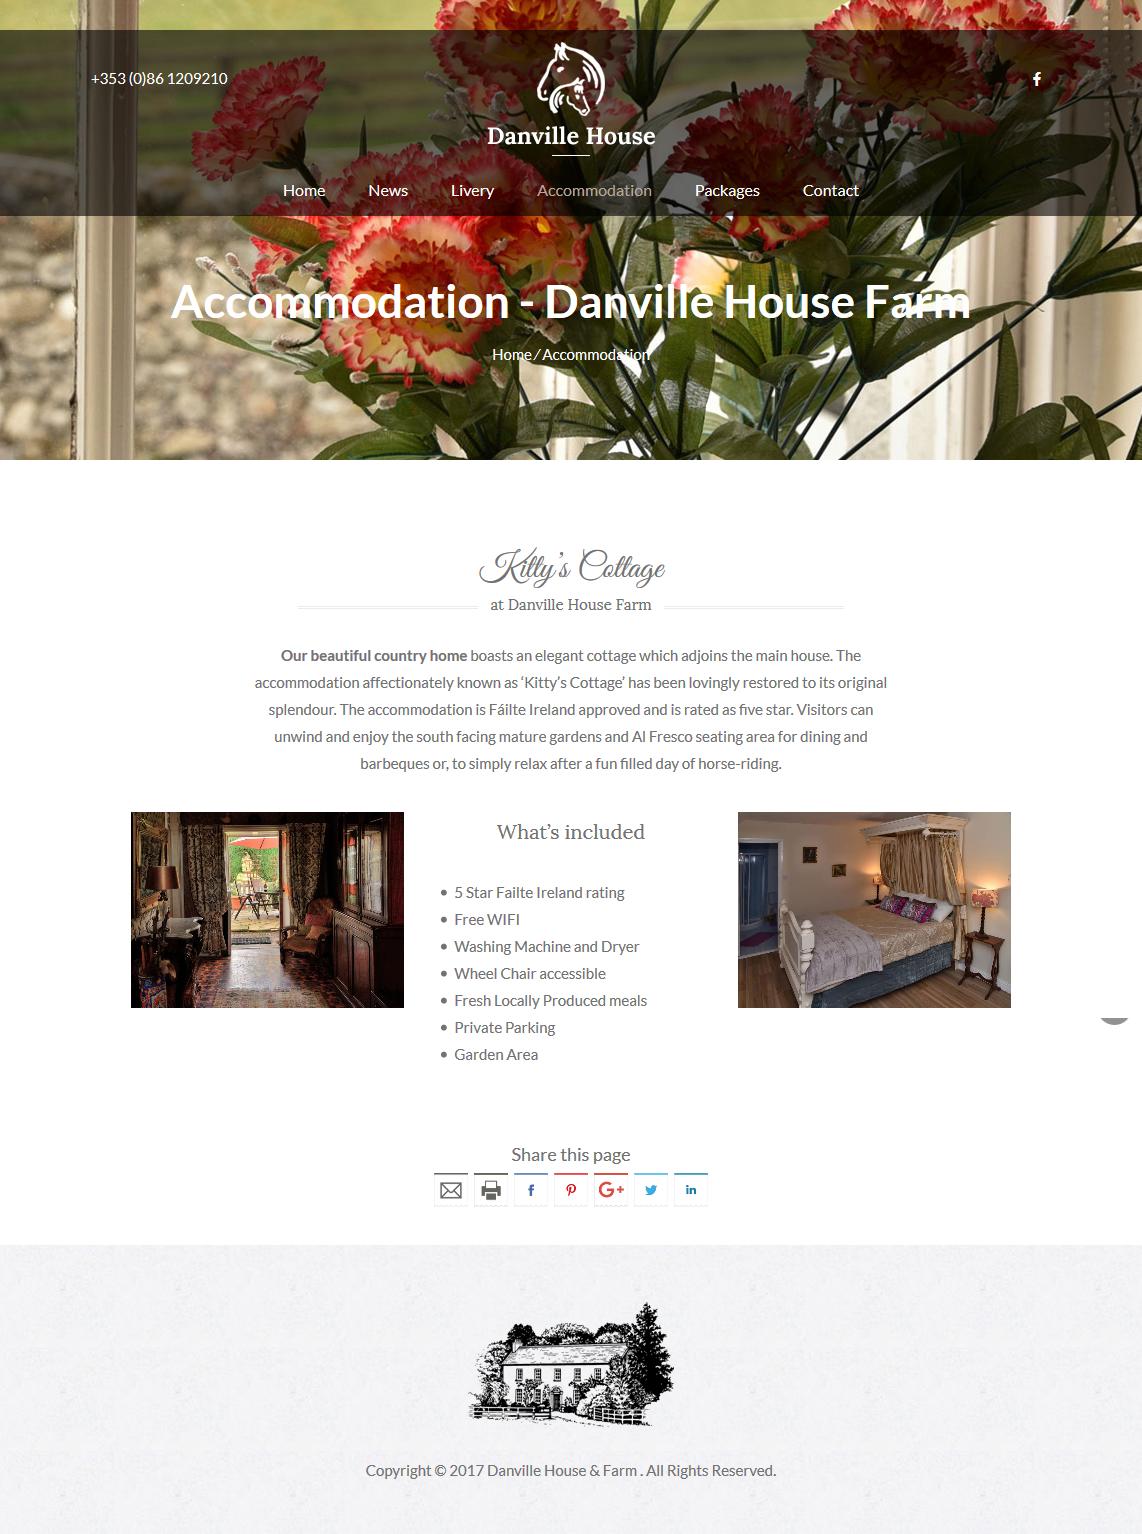 WB-portfolio-web-design-Danville-House-3